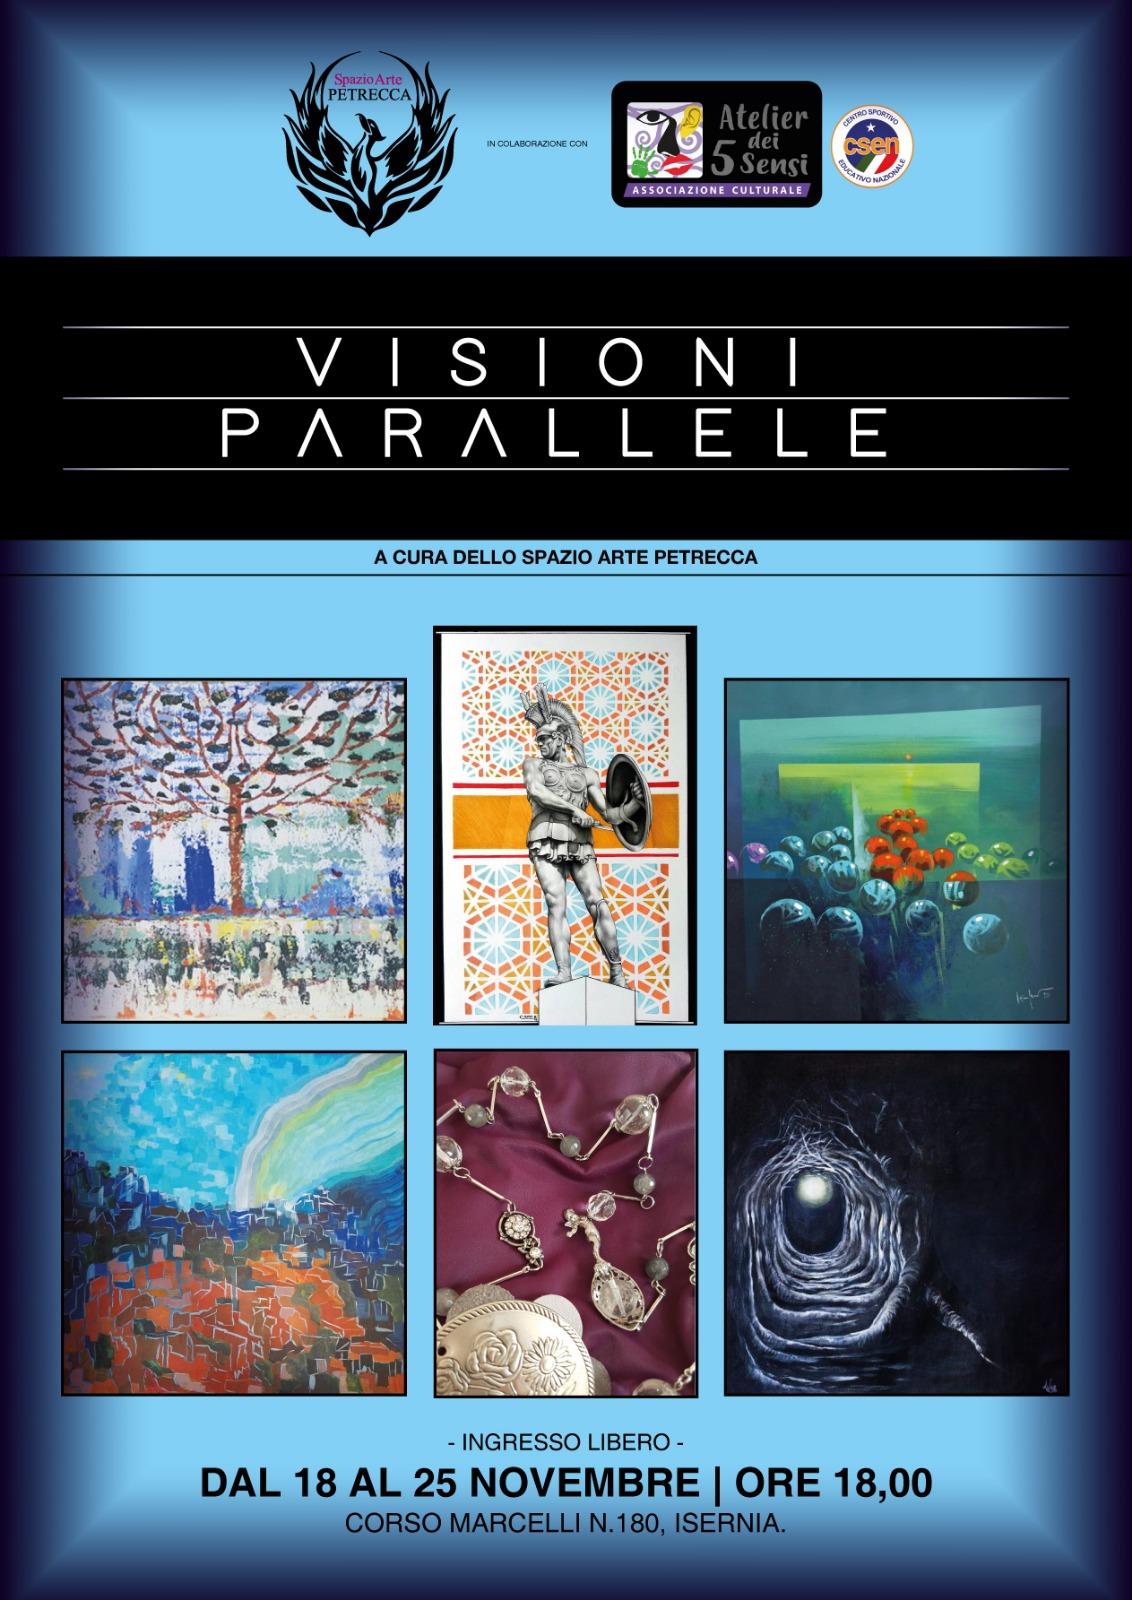 Visioni parallele, allo spazio d'arte Petrecca la collettiva di arte contemporanea dal 18 al 25 novembre.